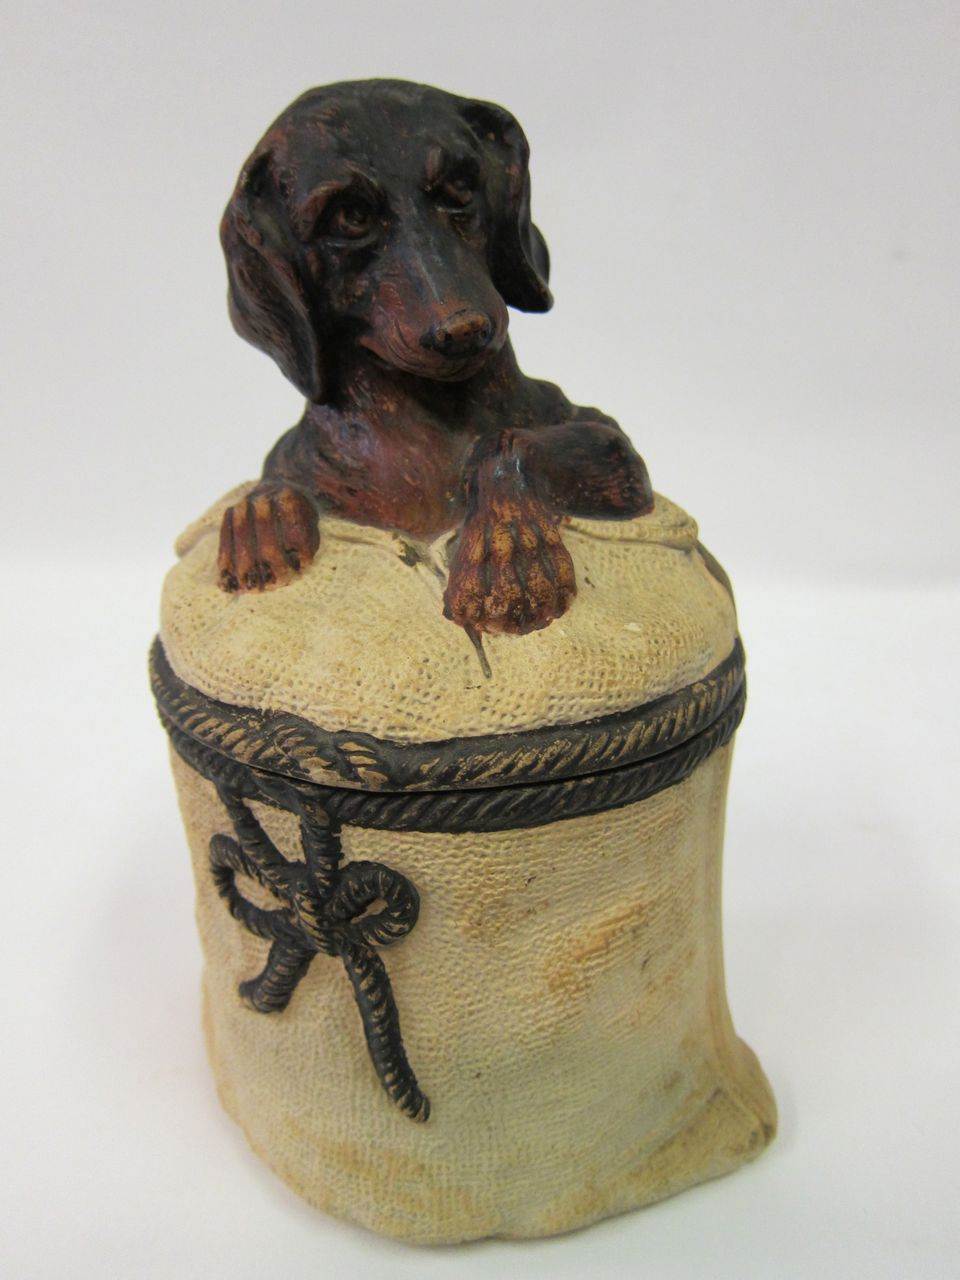 Terra Cotta Figural Daschund Tobacco Jar From Zinziantiques On